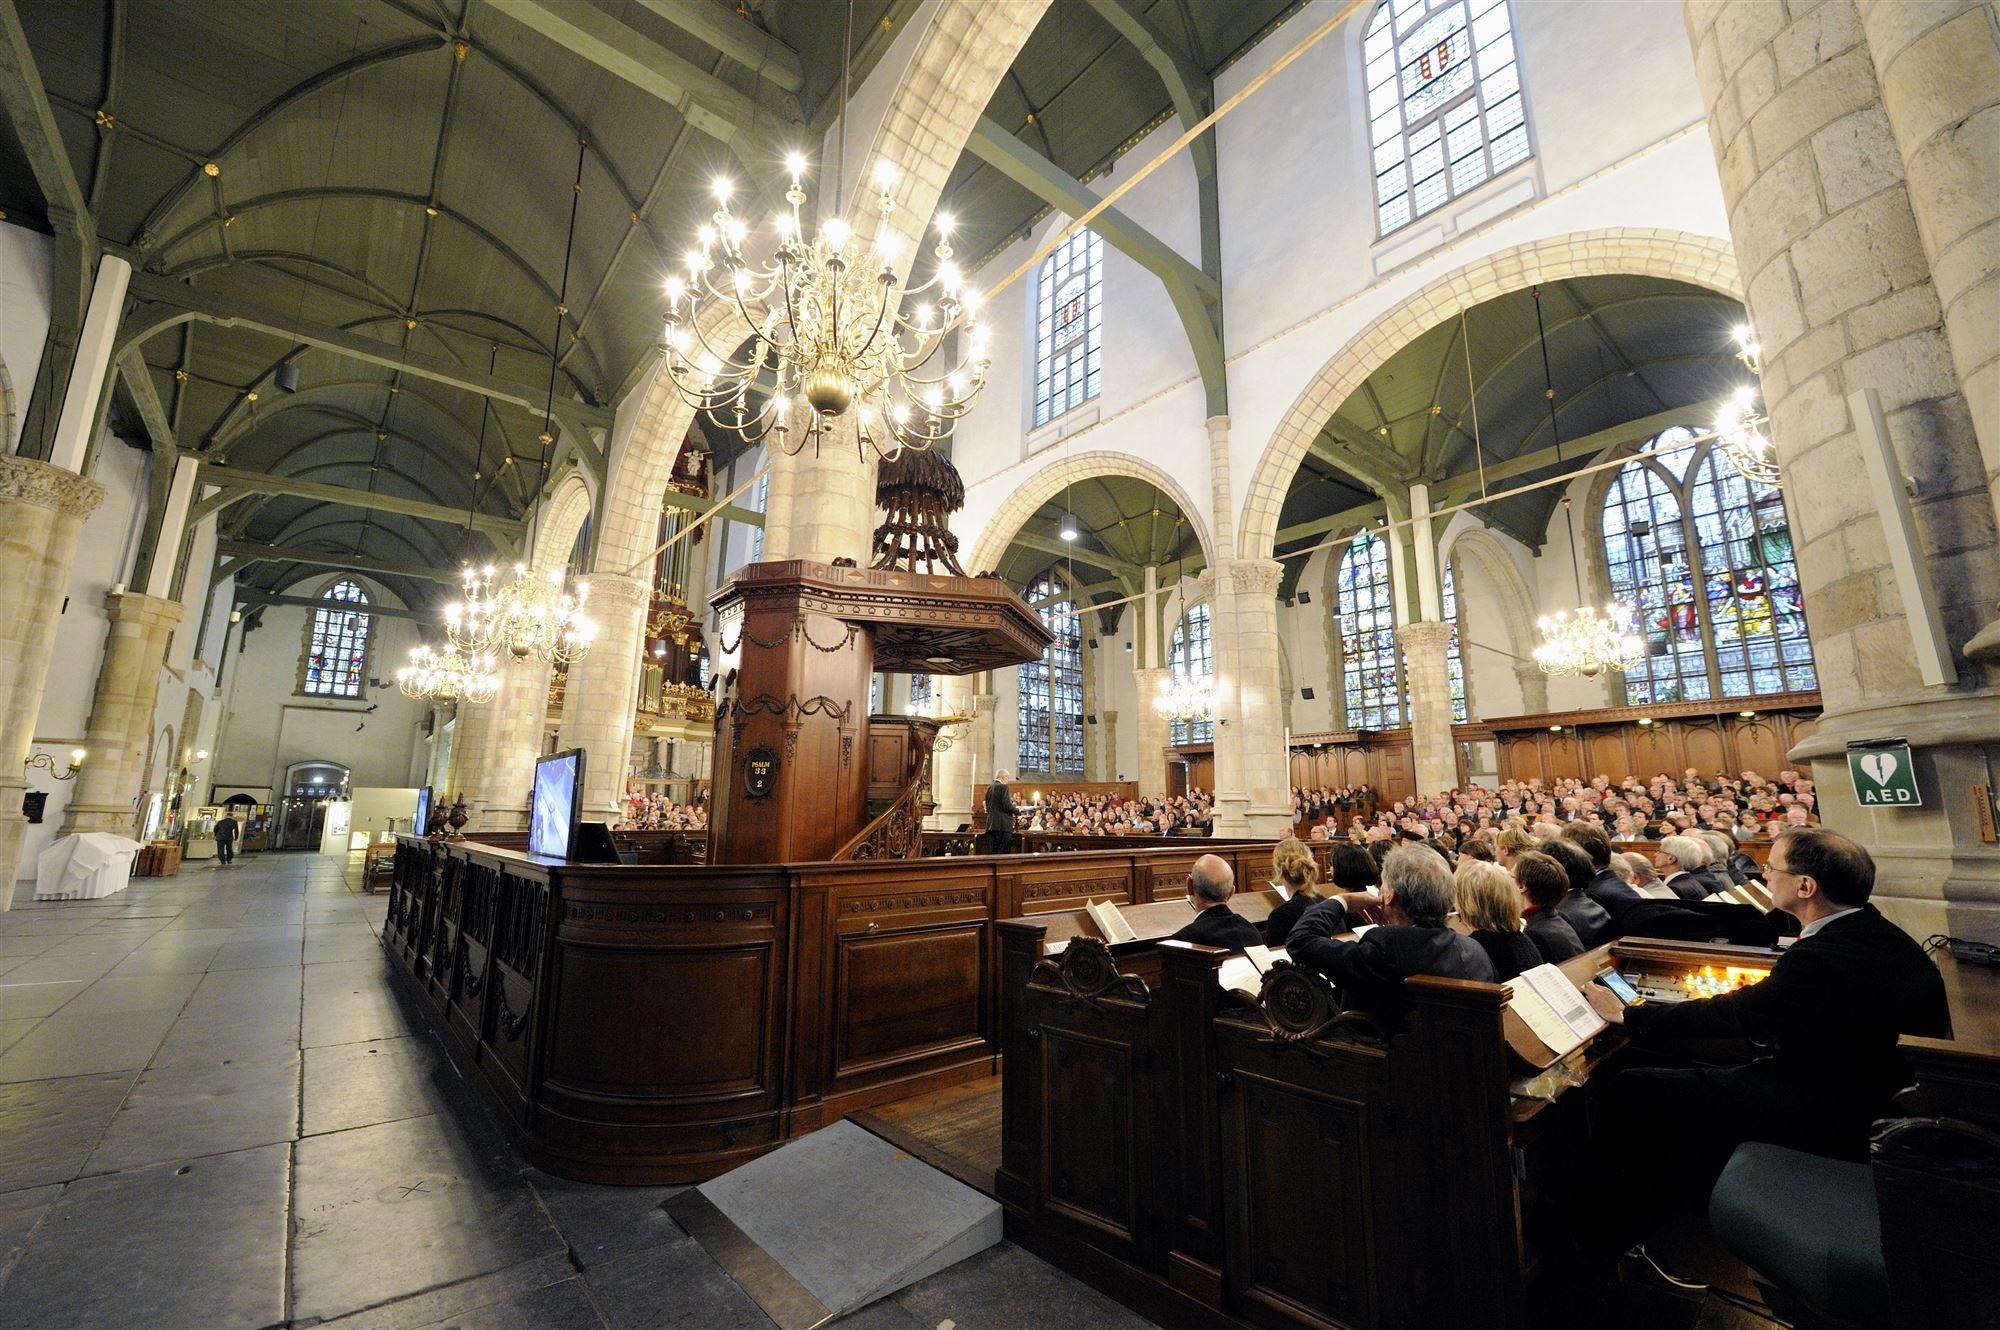 Sint-Janskerk in Gouda